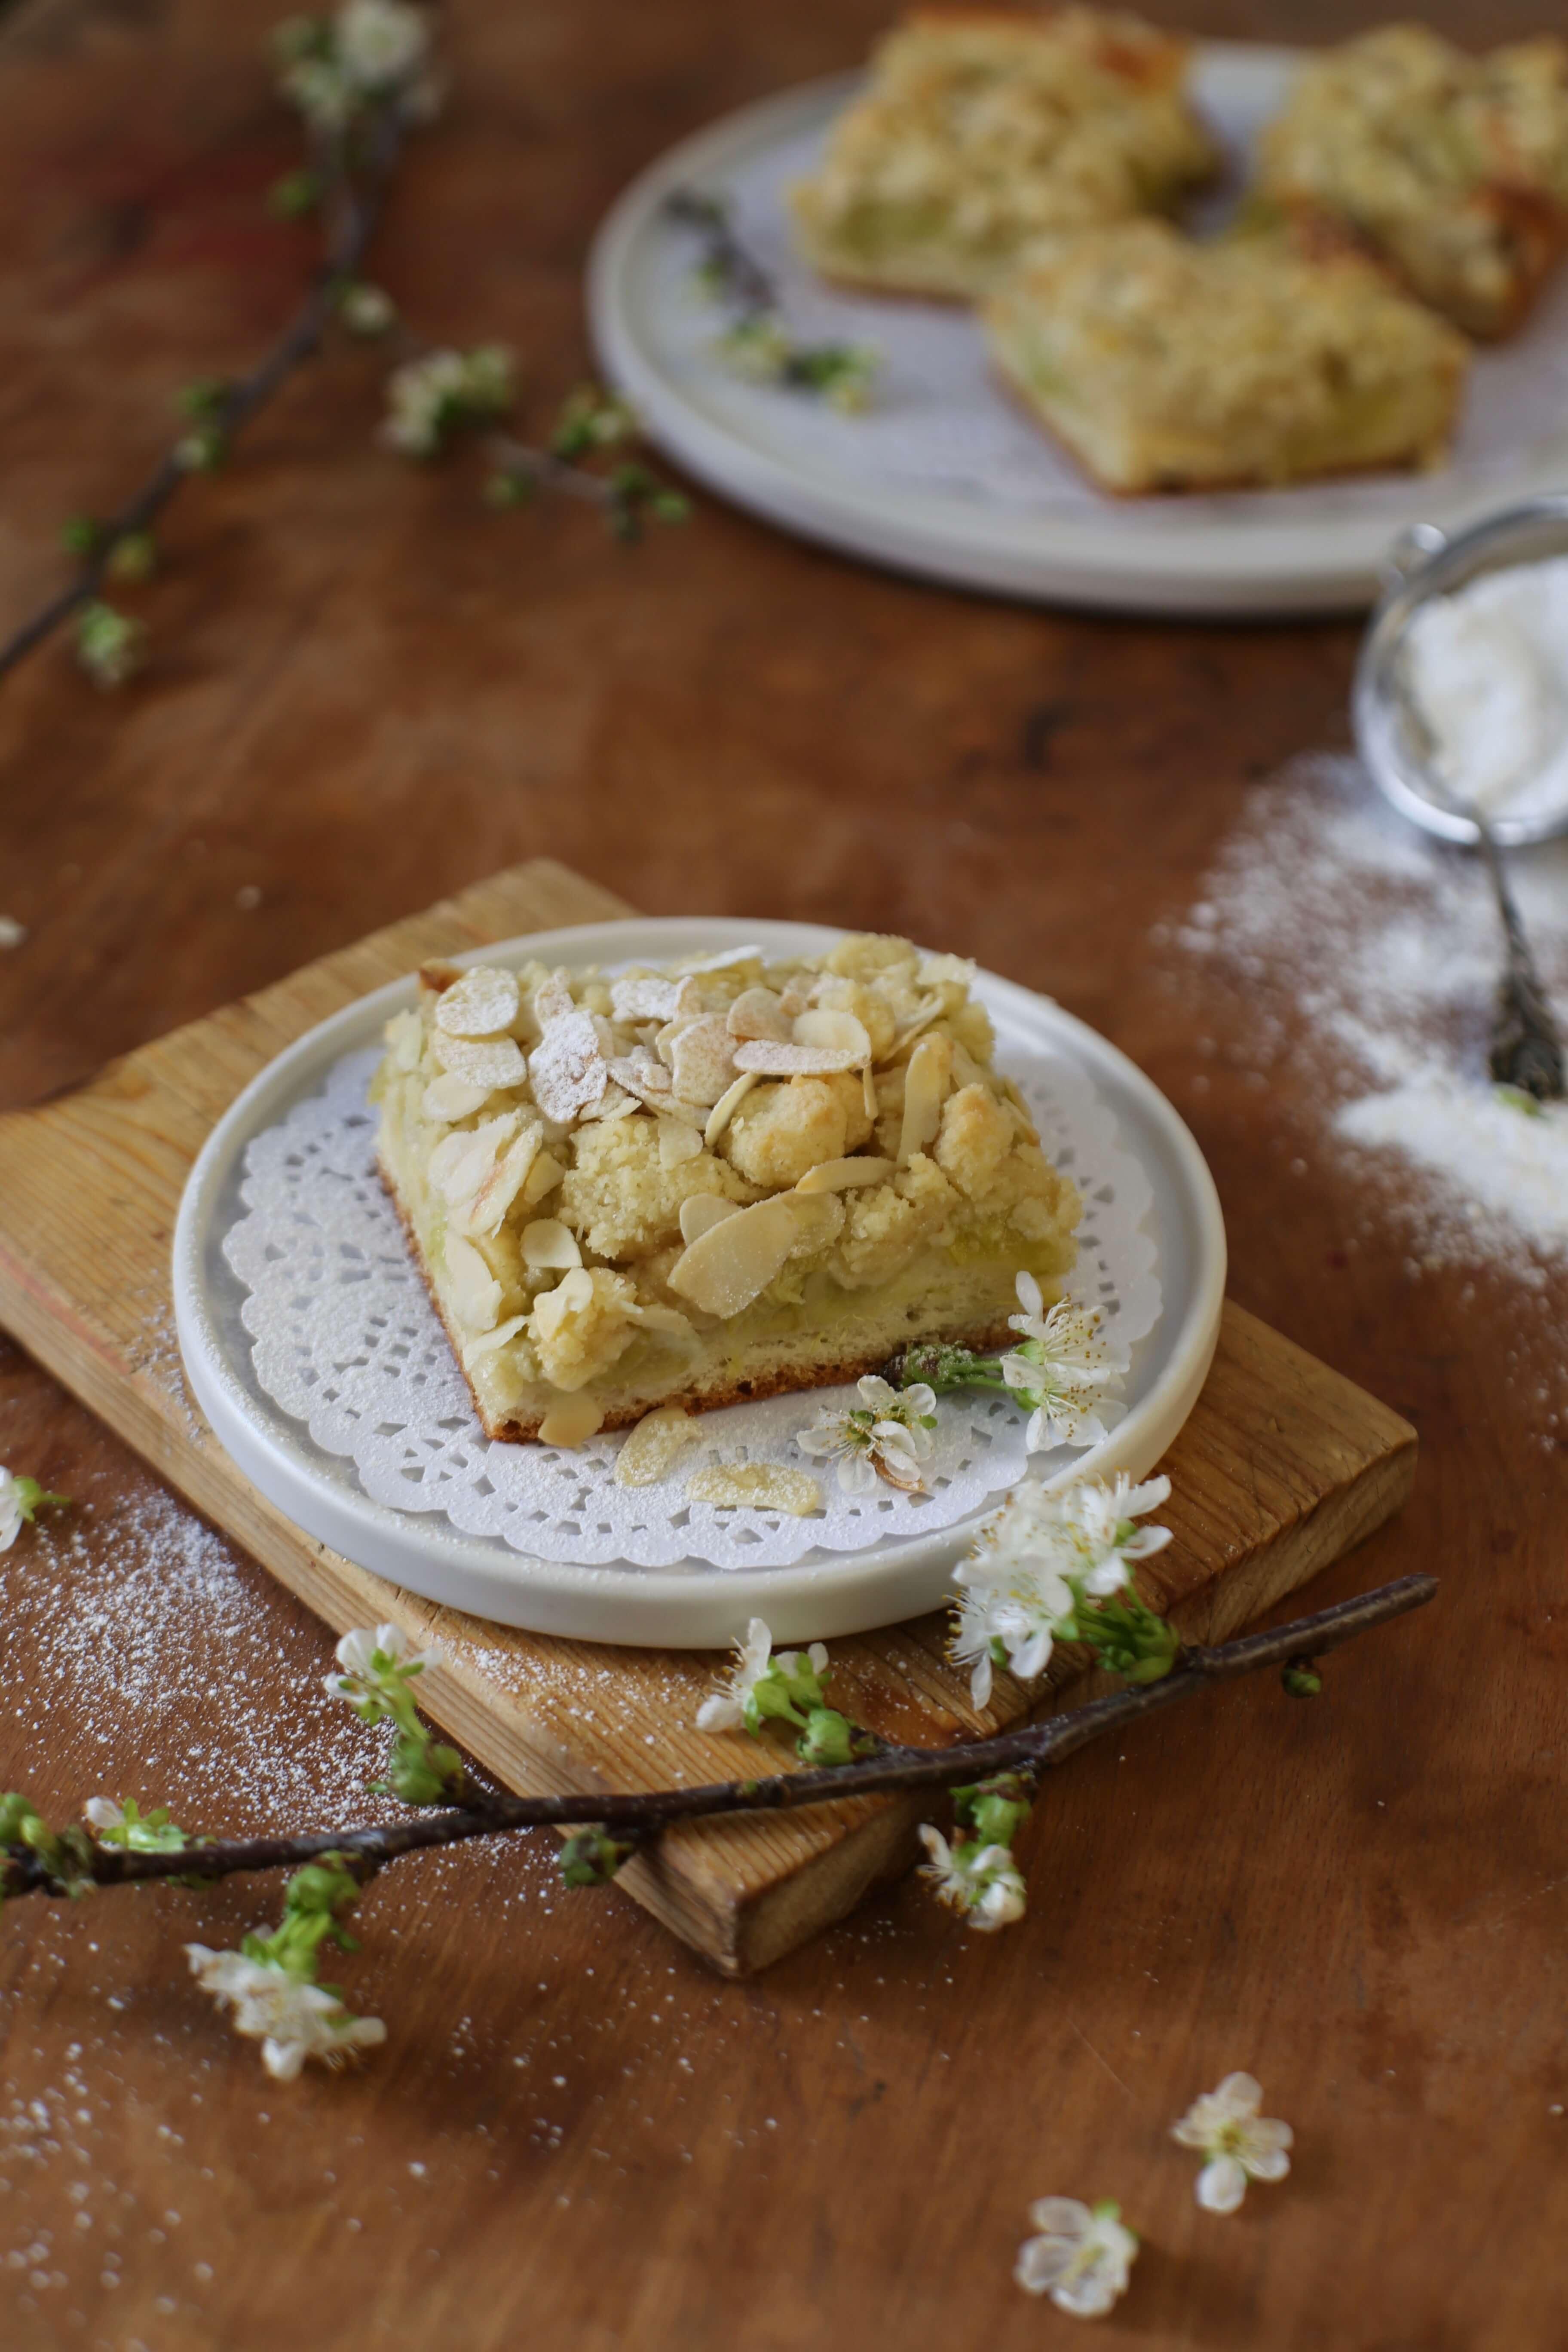 Rezept für Rhabarber-Streuselkuchen vom Blech